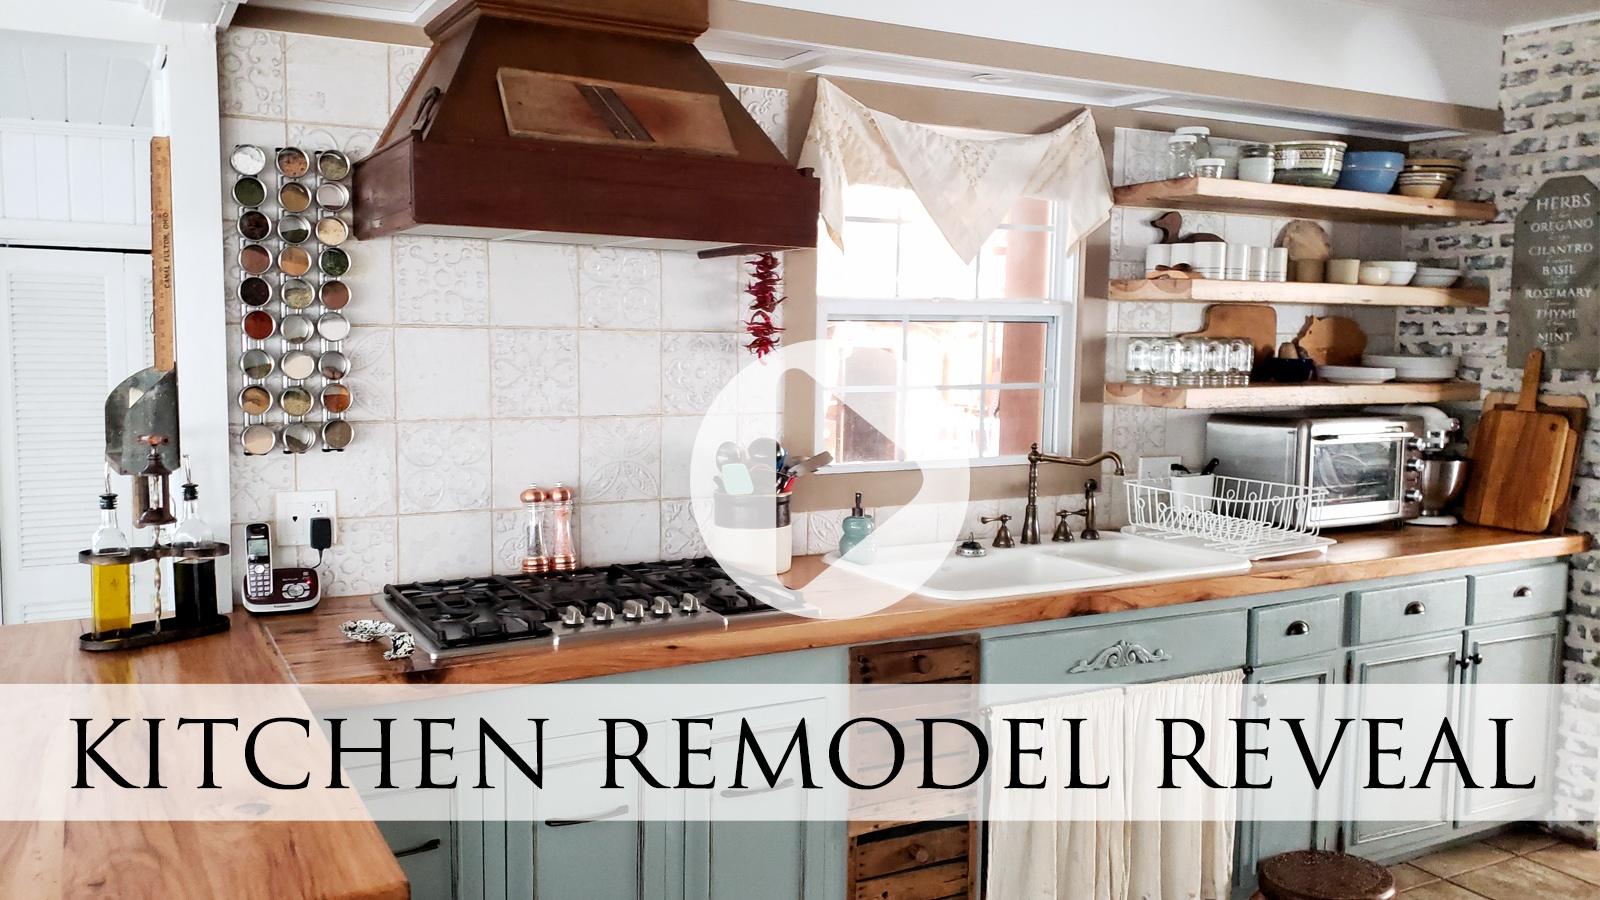 Video Tour of Prodigal Pieces Farmhouse Kitchen Remodel Reveal | prodigalpieces..com #prodigalpieces